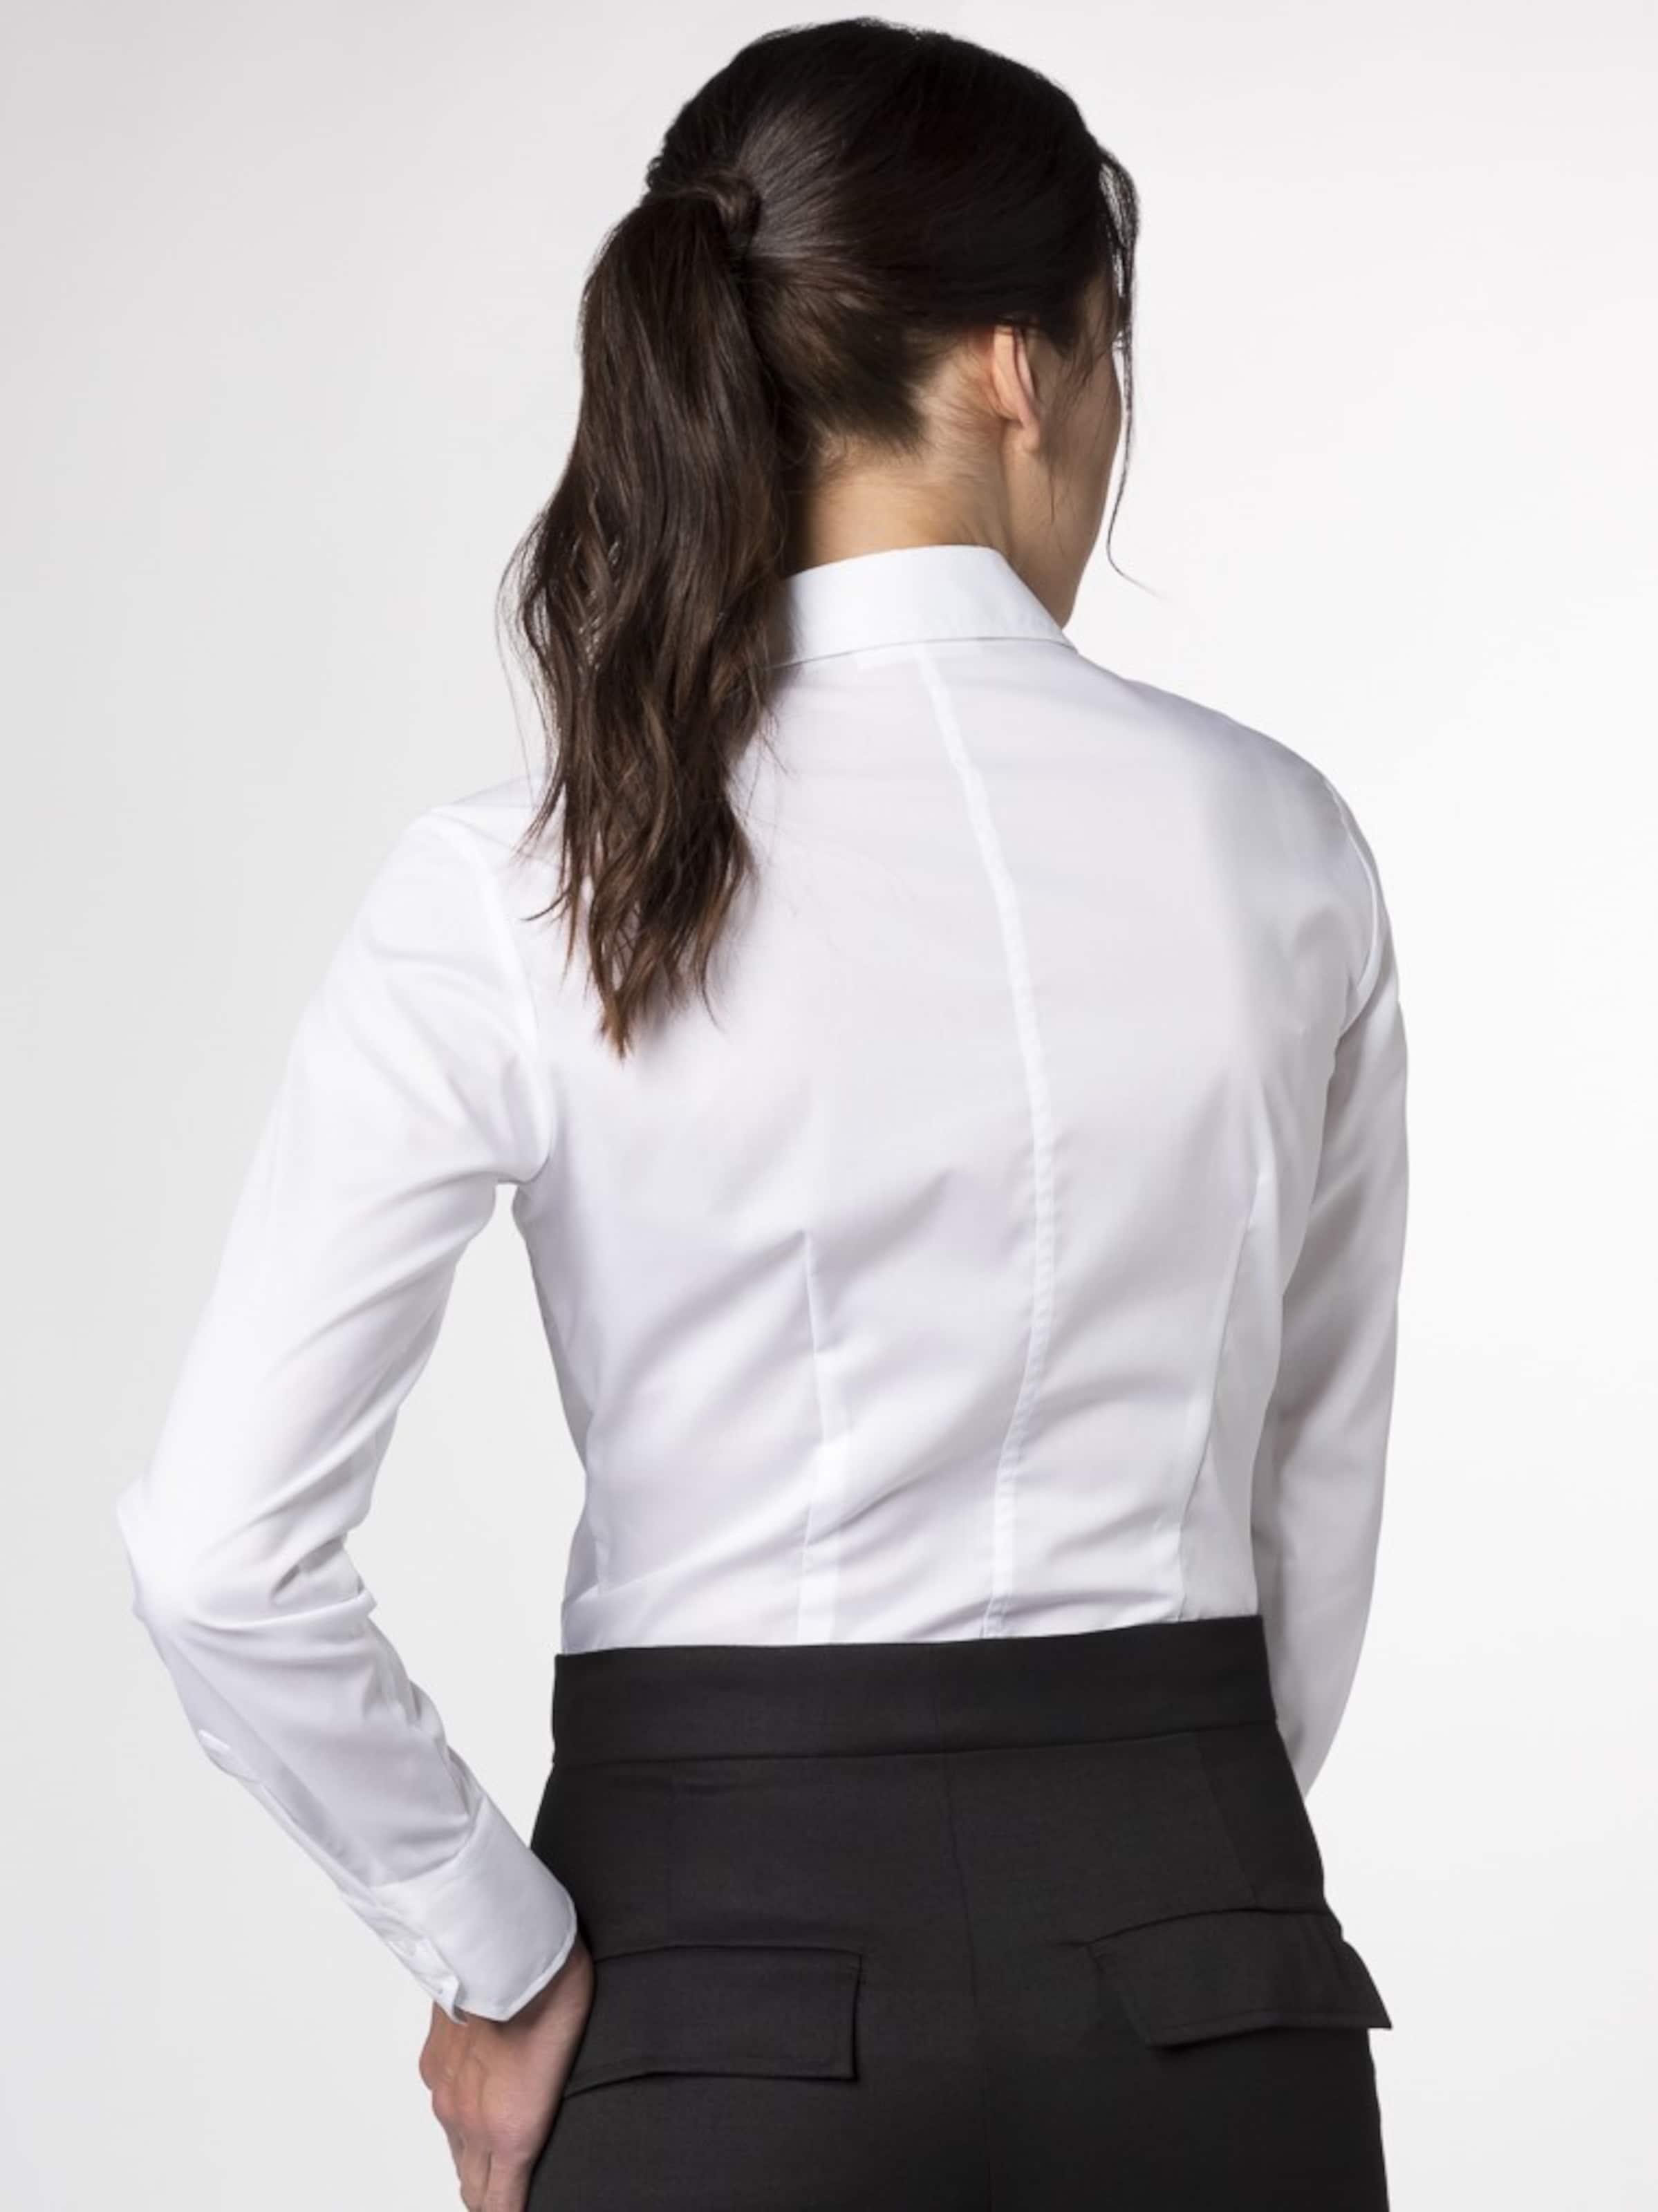 Kaufen Neueste ETERNA Langarm Bluse Marktfähig Billig Günstig Online l6qixm